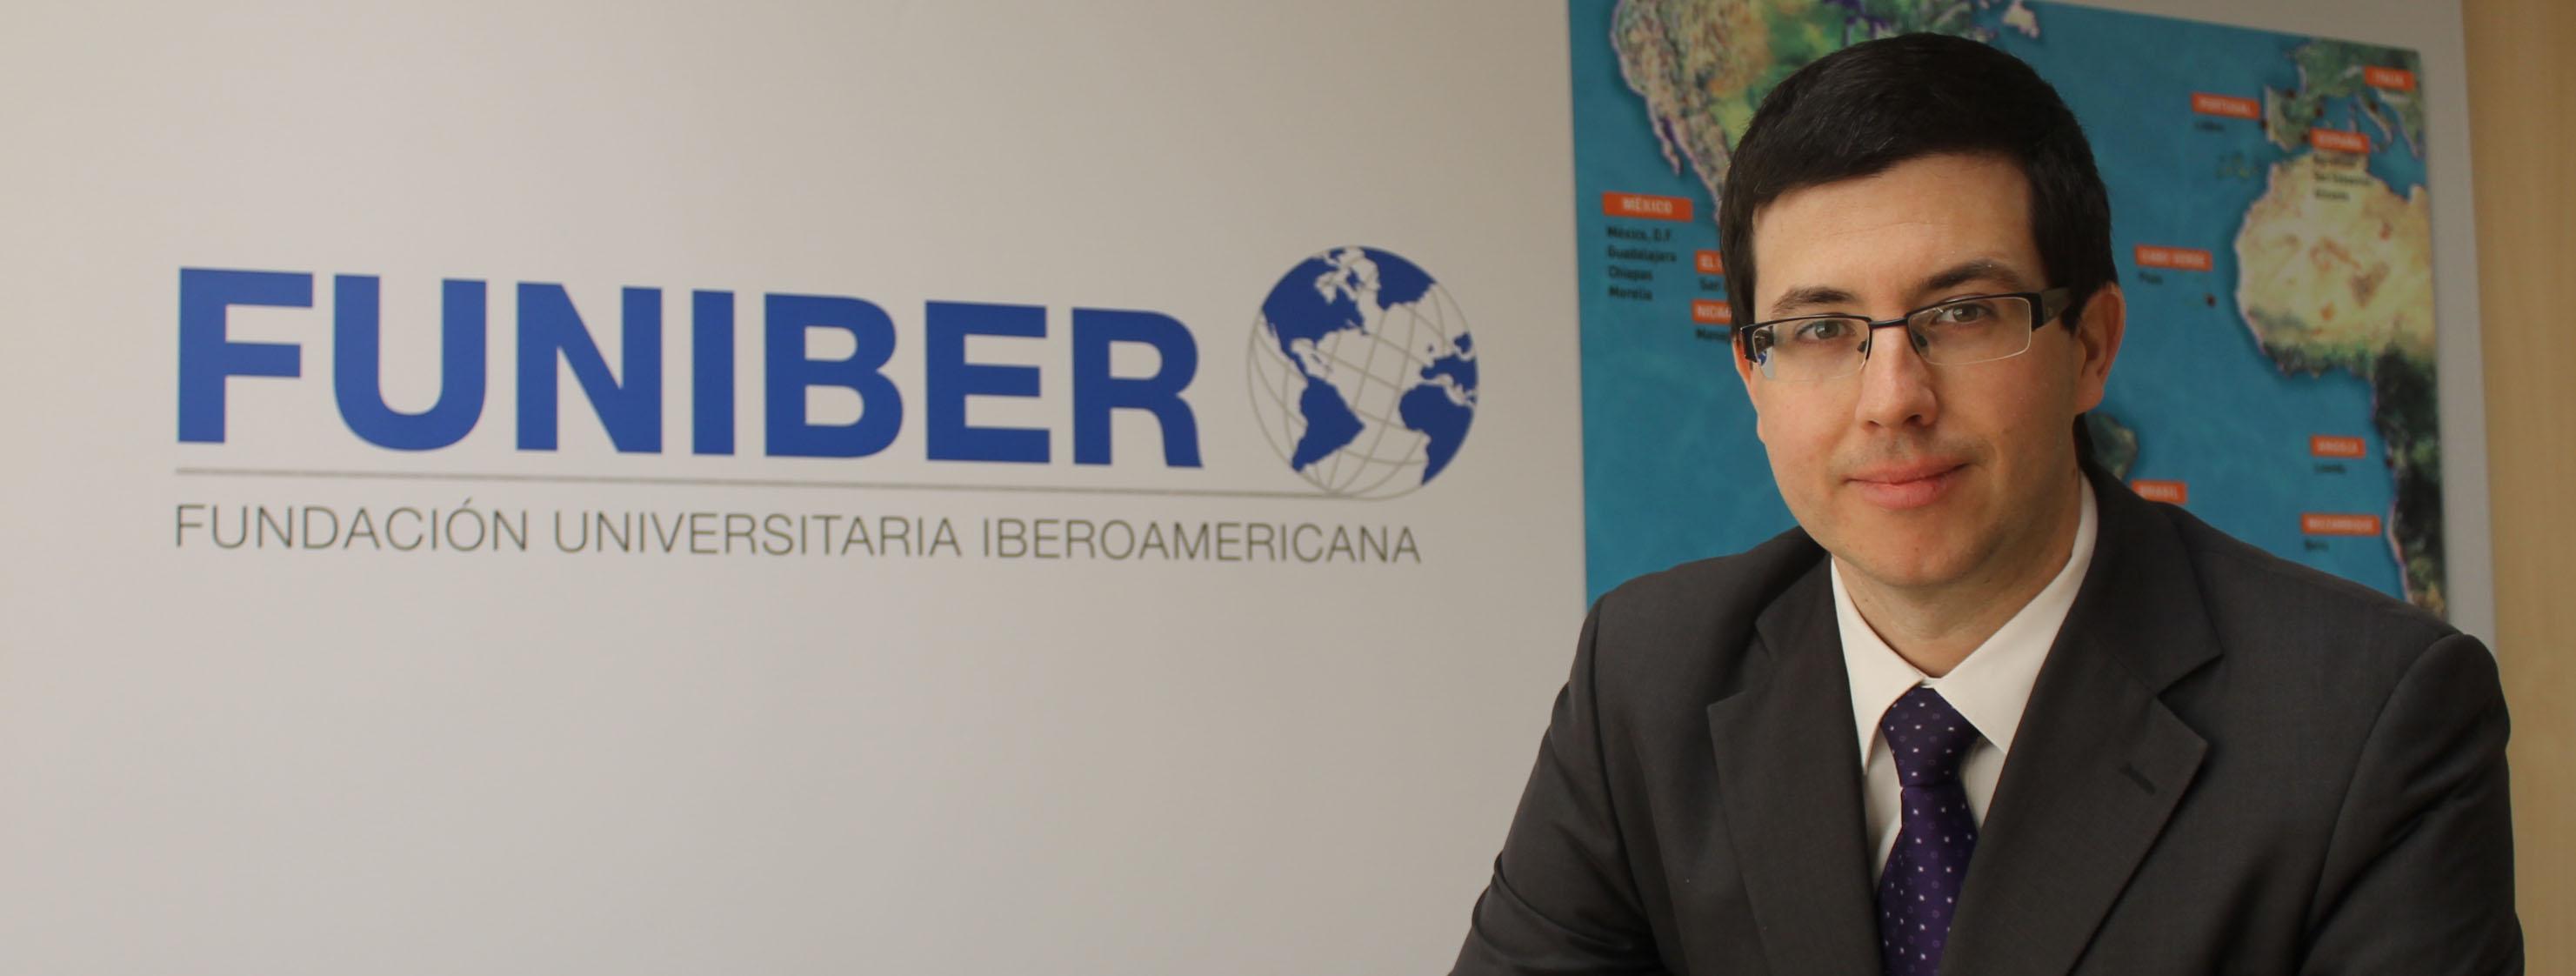 Carlos Marcuello será entrevistado en la emisora Capital Radio